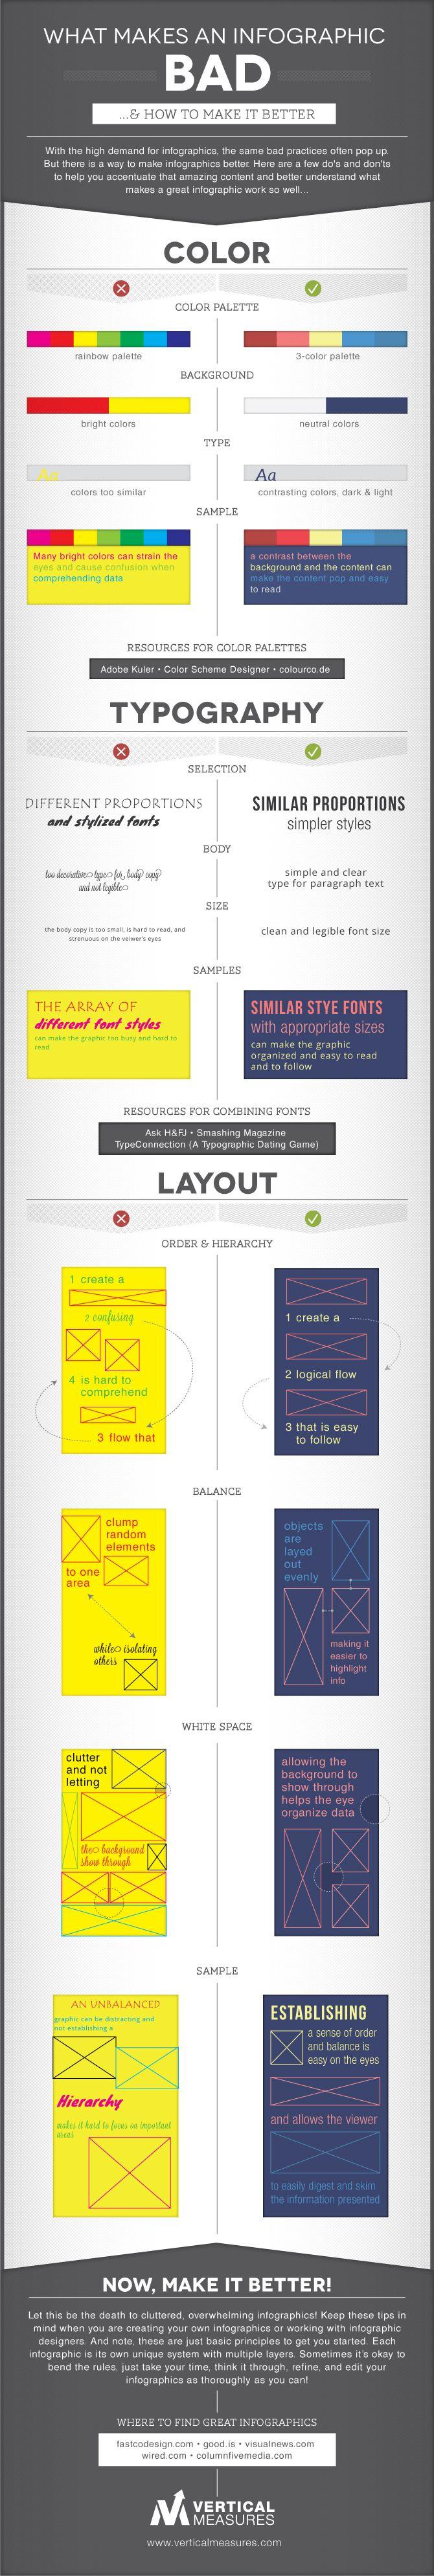 Qué hace mala una infografía (y cómo hacerla buena) #infografia #infographic #design